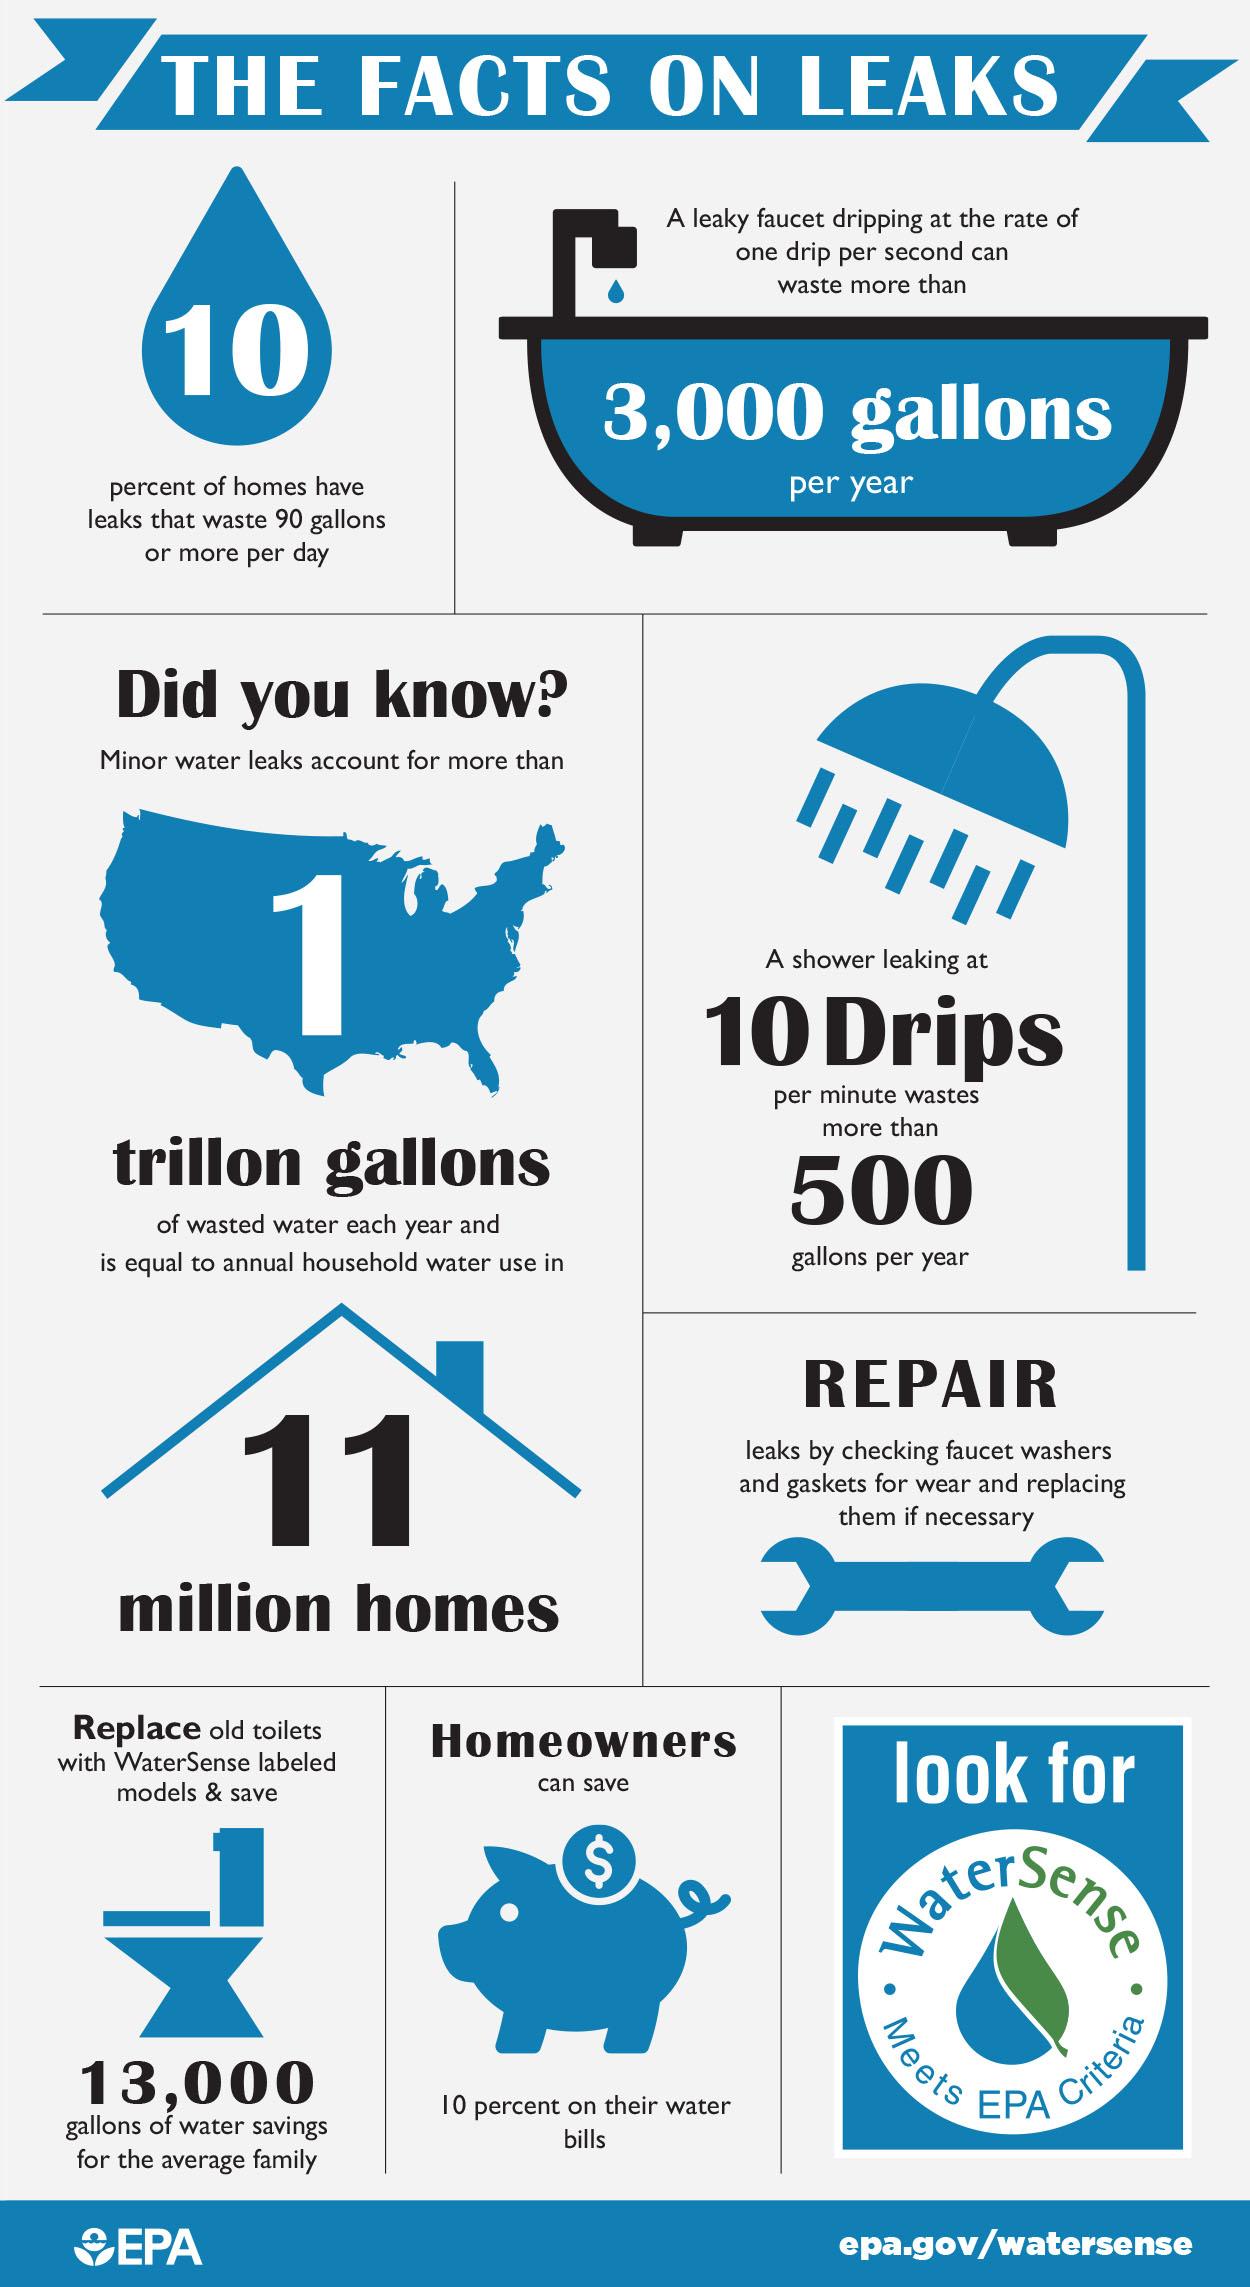 Fix A Leak Week Watersense Us Epa